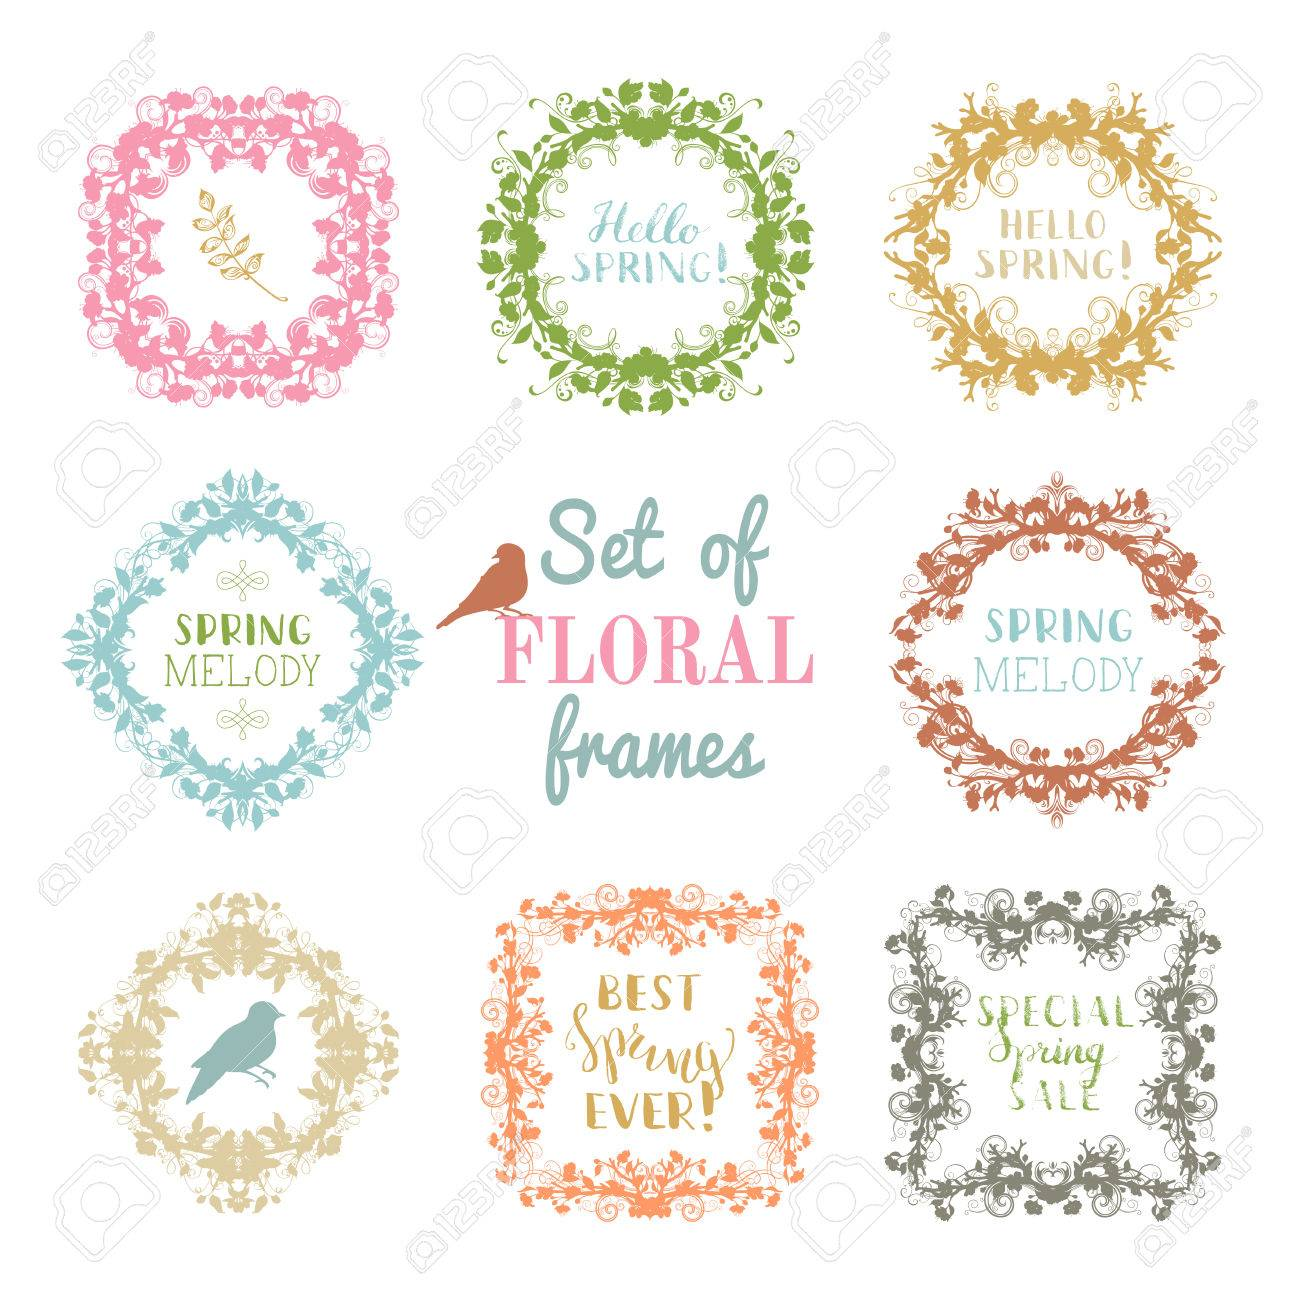 Siluetas De Primavera De Flores, Hojas, Ramas, Pájaros Y Florece ...